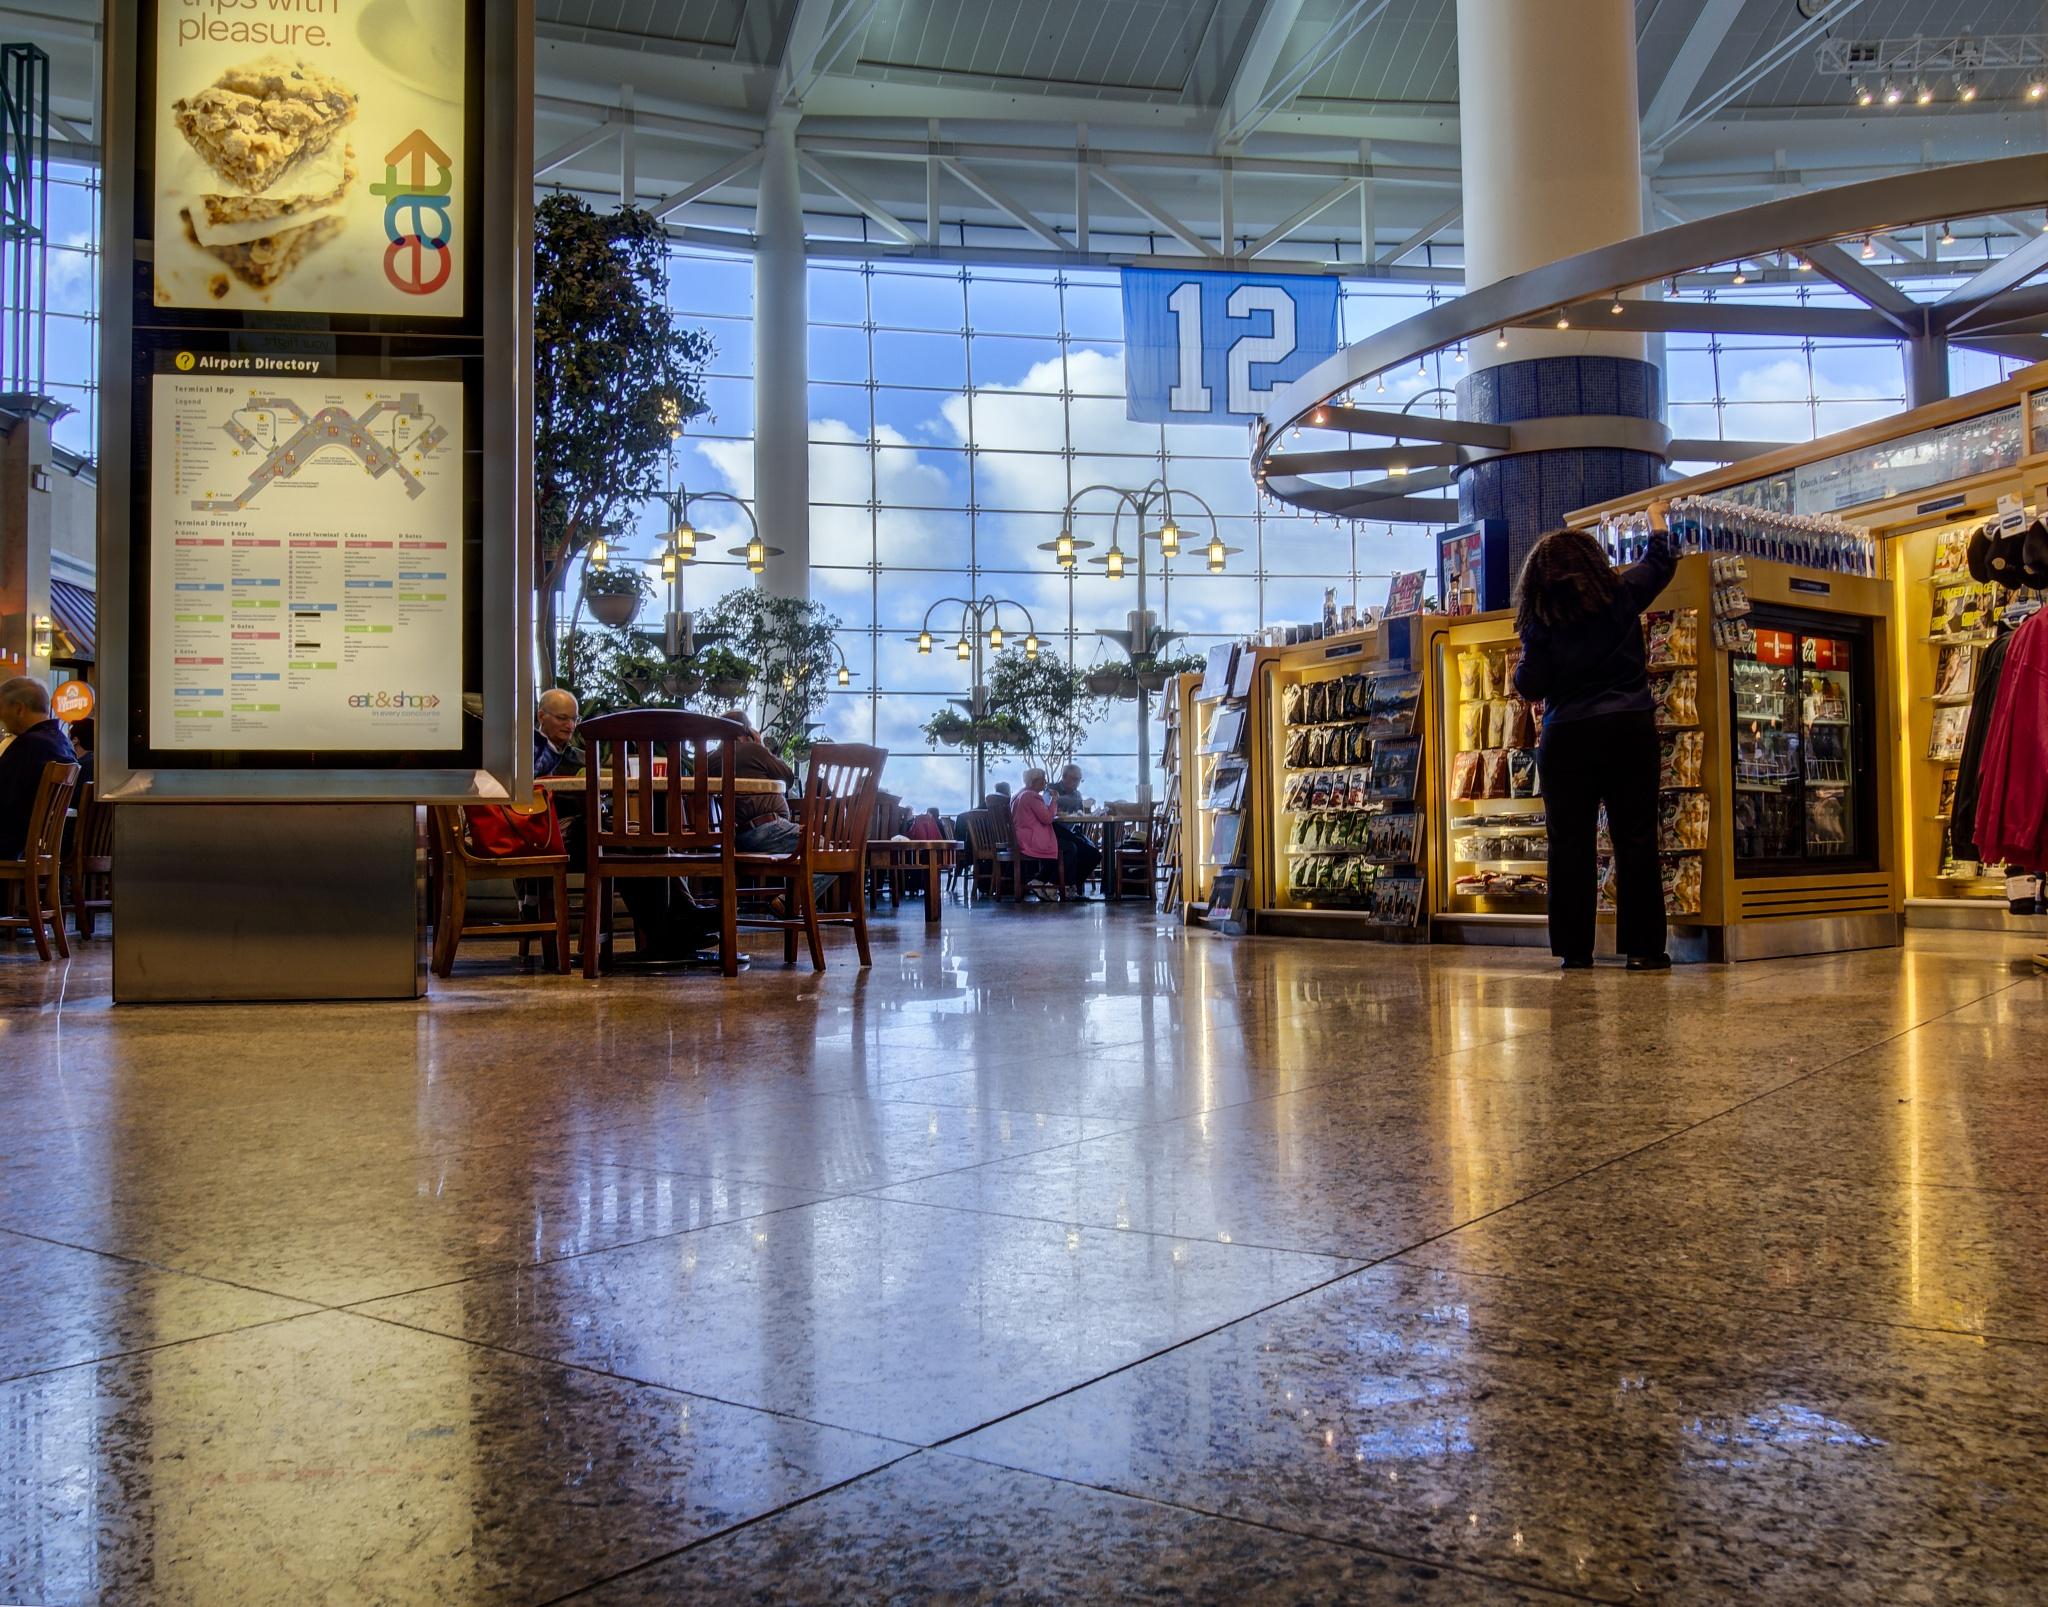 Seattle Airport Food Court by skchristensen6982